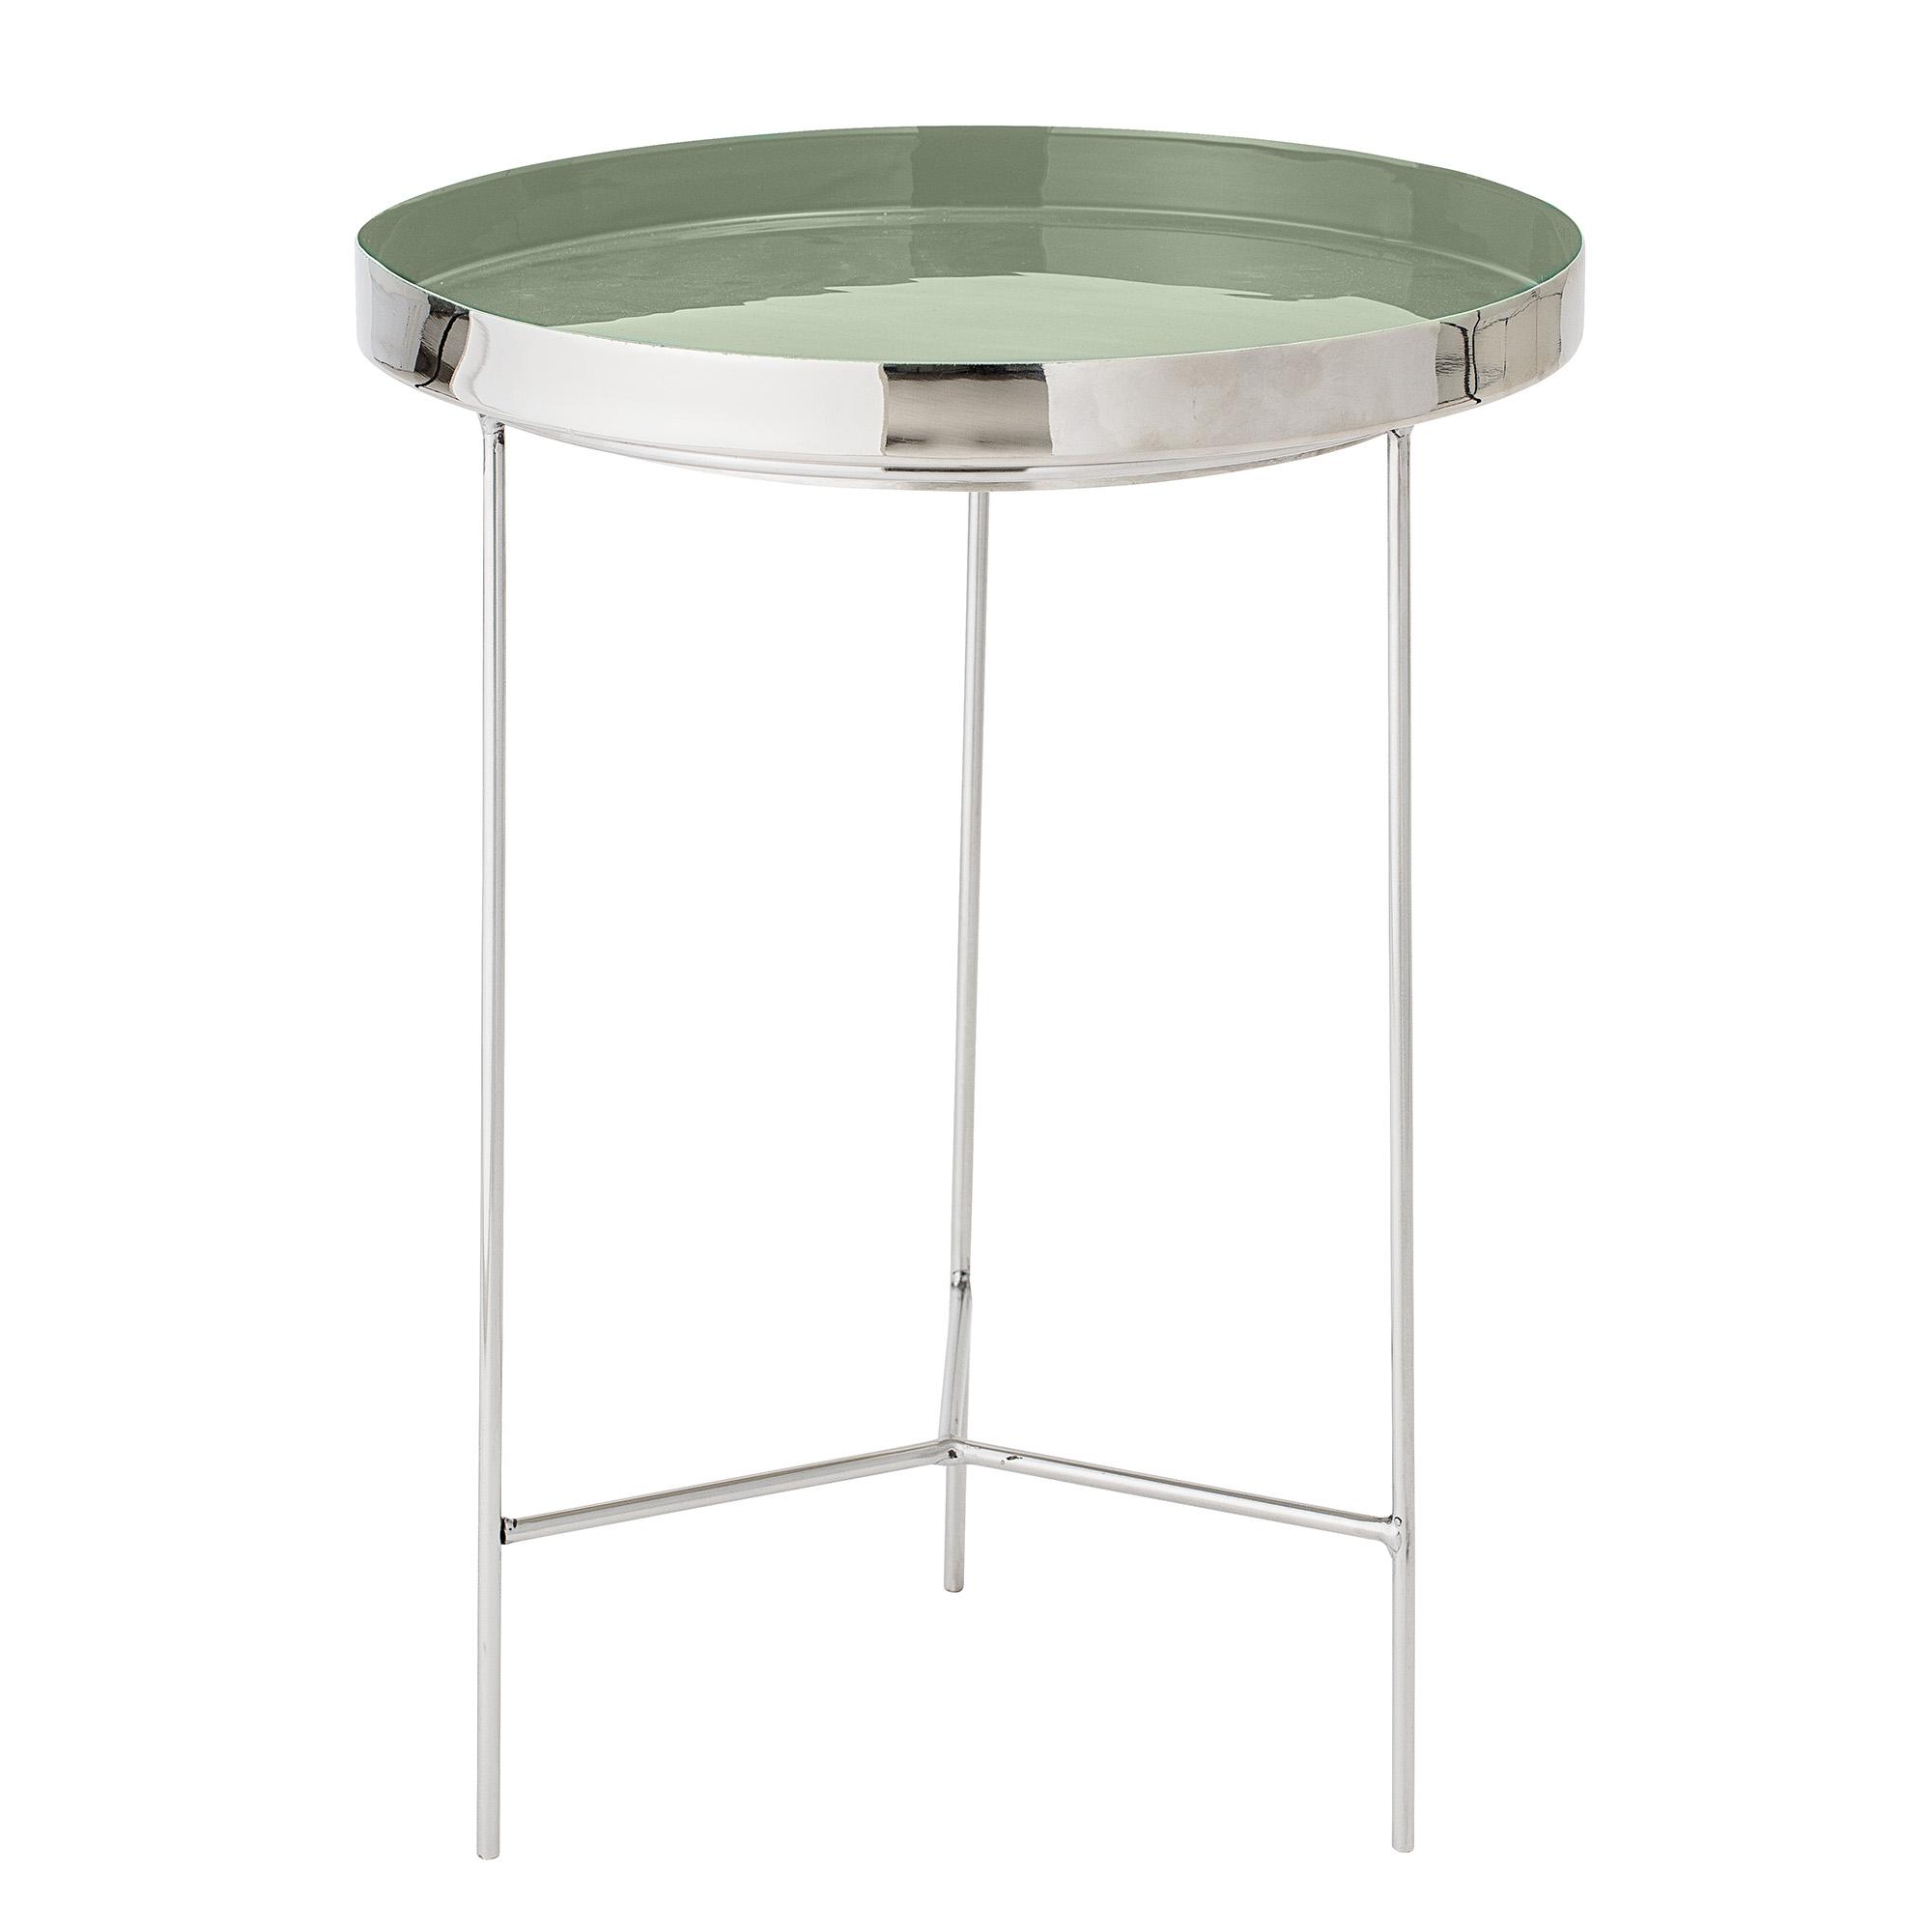 BLOOMINGVILLE Sola bakkebord - grøn/sølv aluminium/stål, rund (Ø40)